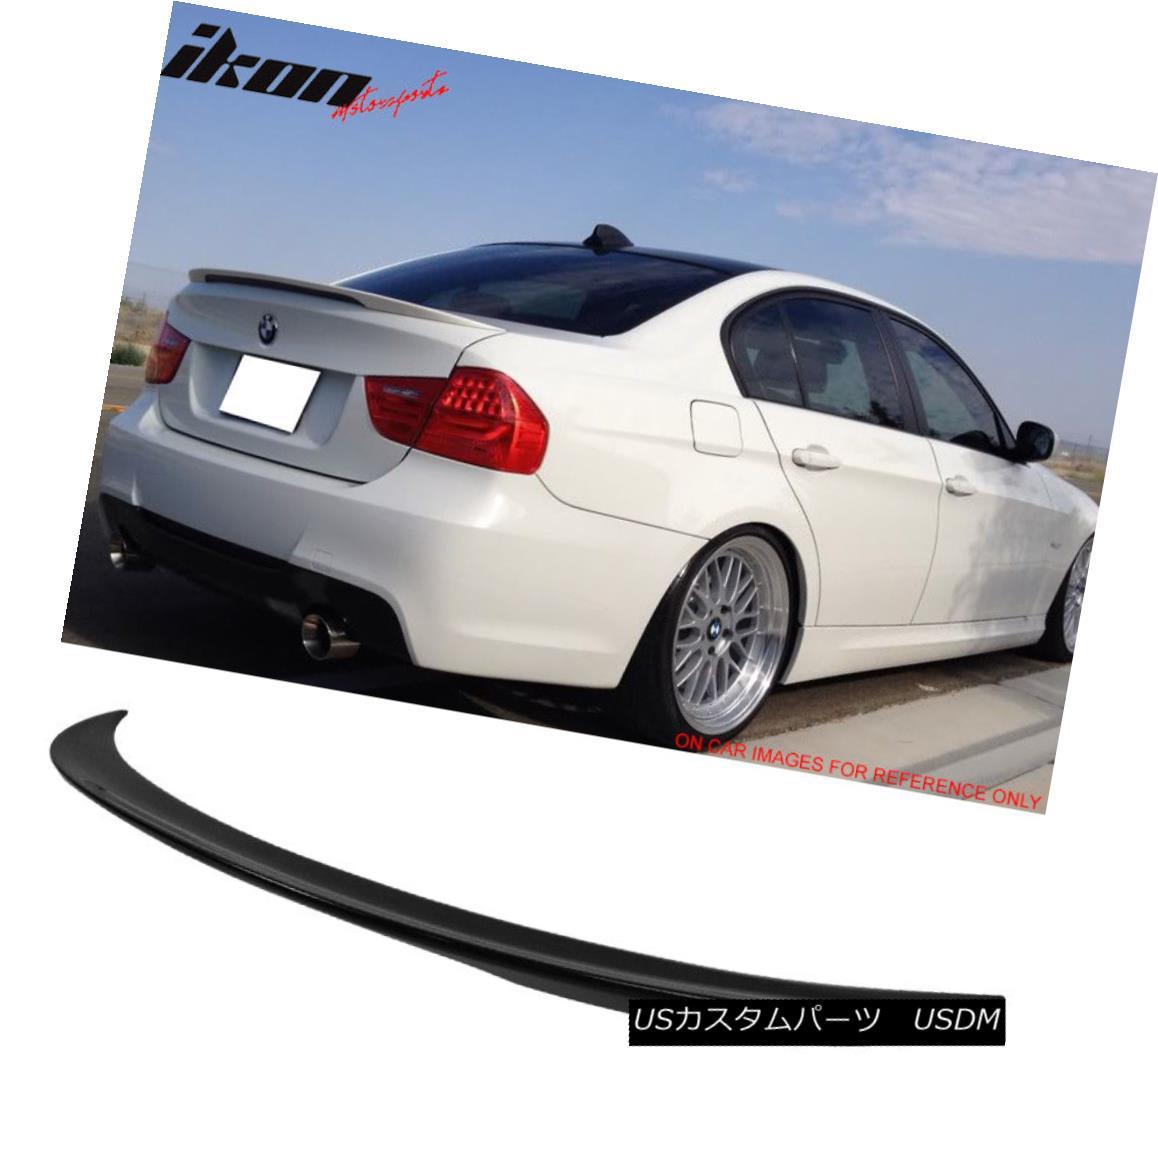 エアロパーツ 06-11 BMW 3 Series E90 Sedan Performance Painted Jet Black #668 Trunk Spoiler 06-11 BMW 3シリーズE90セダンパフォーマンスペイントジェットブラック#668トランクスポイラー